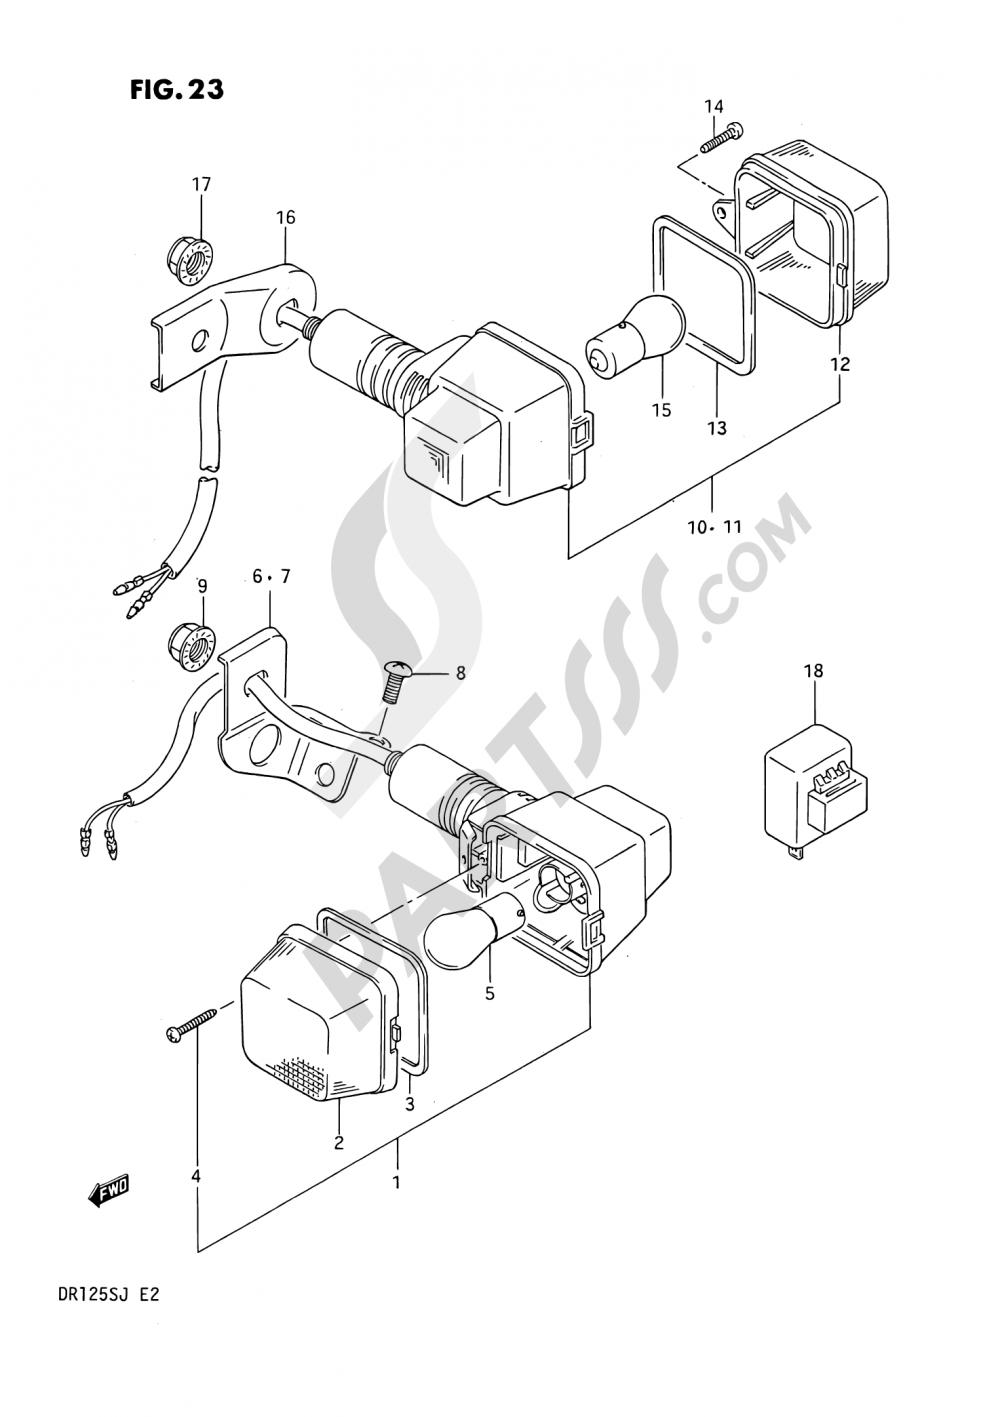 23 - TURN SIGNAL LAMP (E01, E24, E04 ~F.NO.106478) Suzuki DR125S 1987